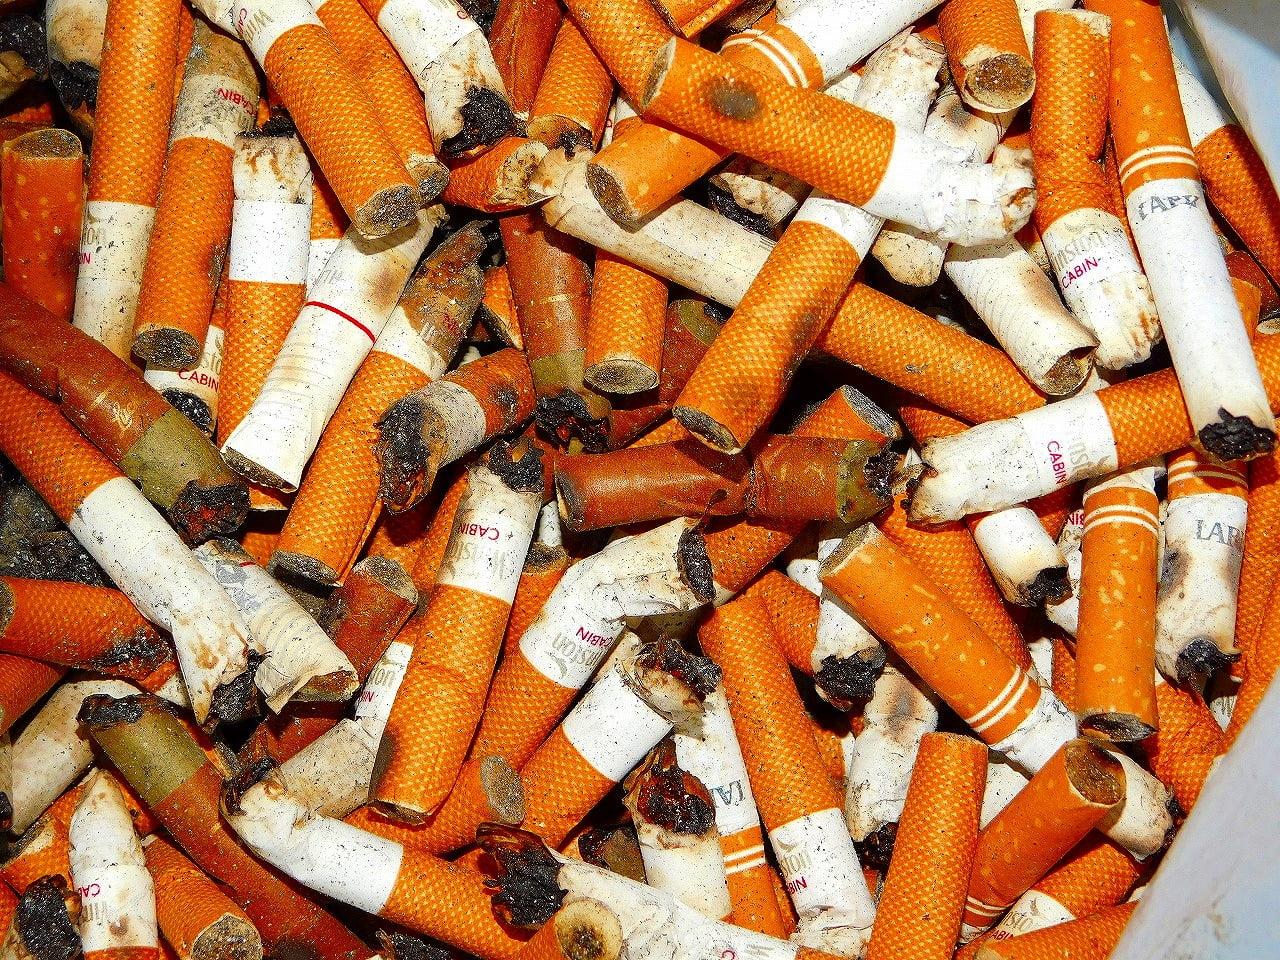 """喫煙様式の変化!!-私が""""電子たばこ""""を使用しない理由!!-""""キセル""""-煙管のメインテナンス方!"""